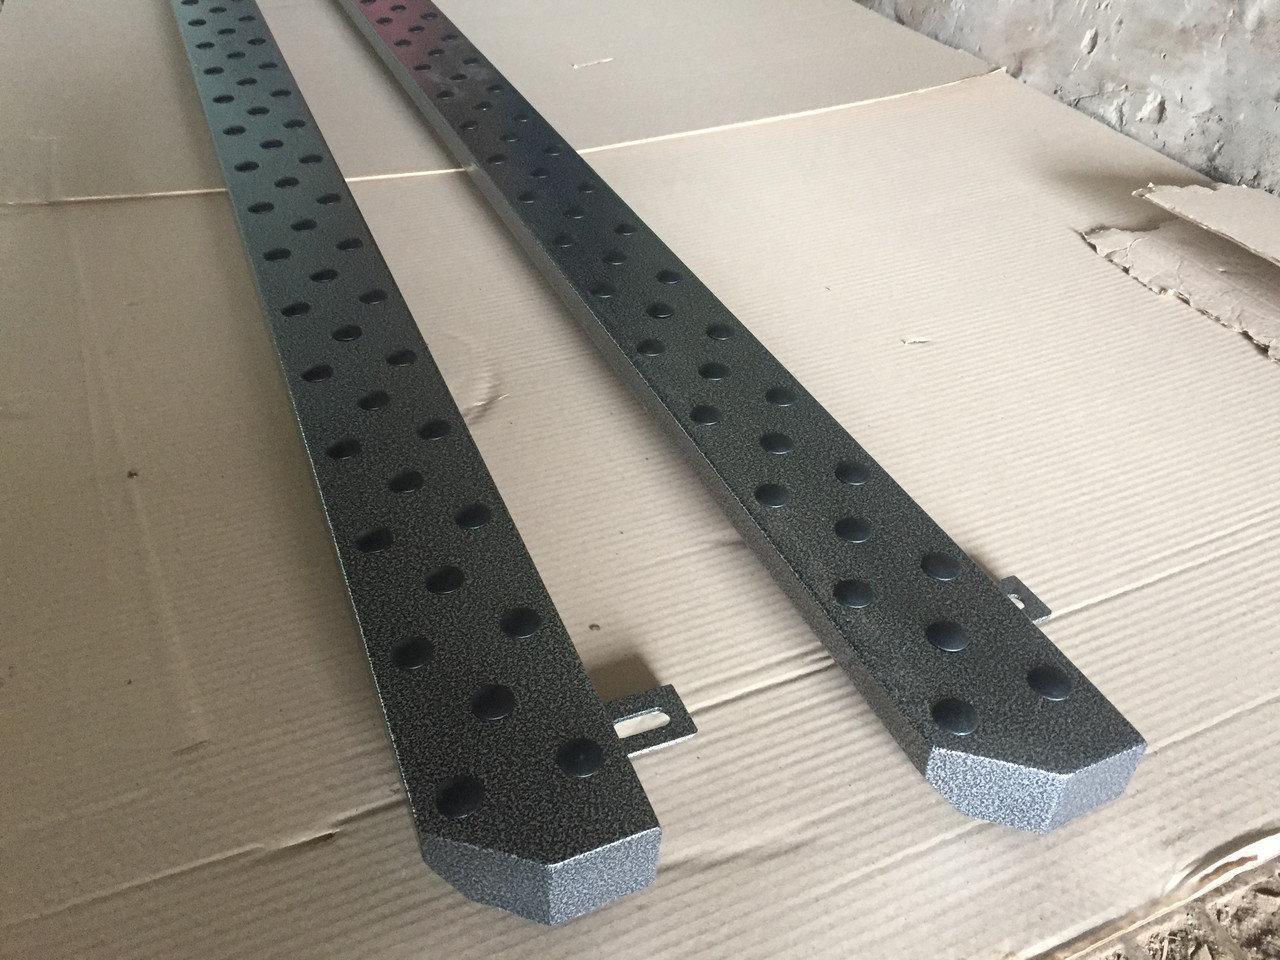 Пороги транспортер т 5 конвейер ленточный ремонт